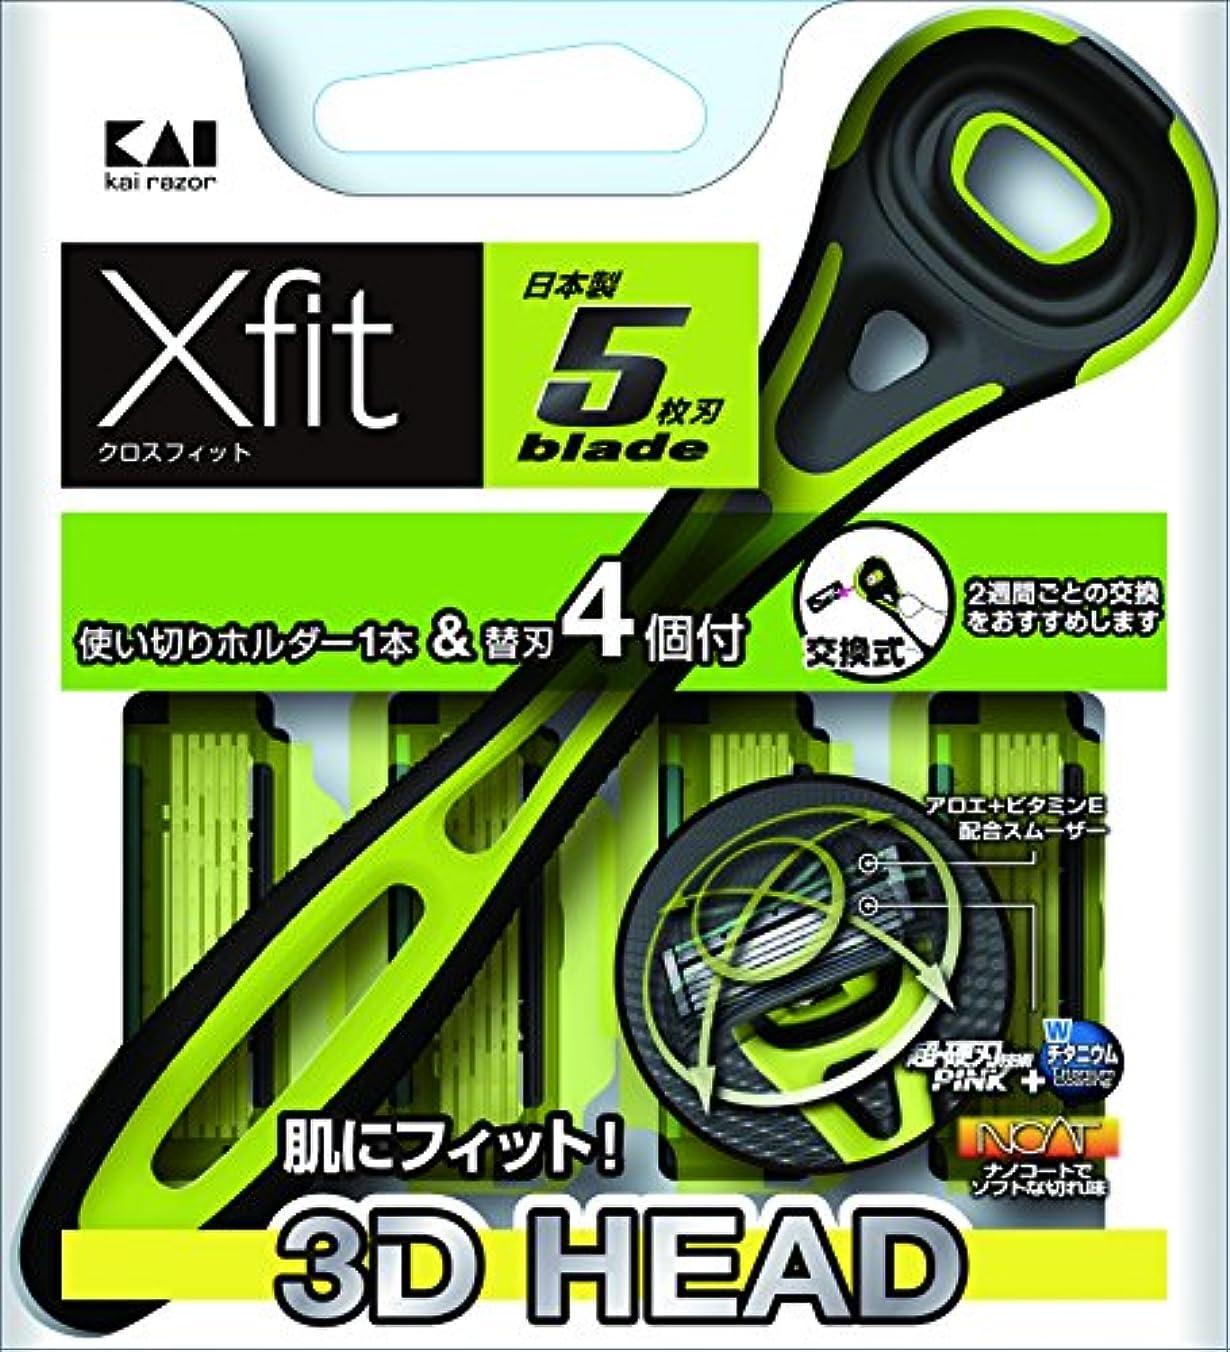 Xfit(クロスフィット)5枚刃 クリアパッケージ 使い切りホルダー+替刃4個